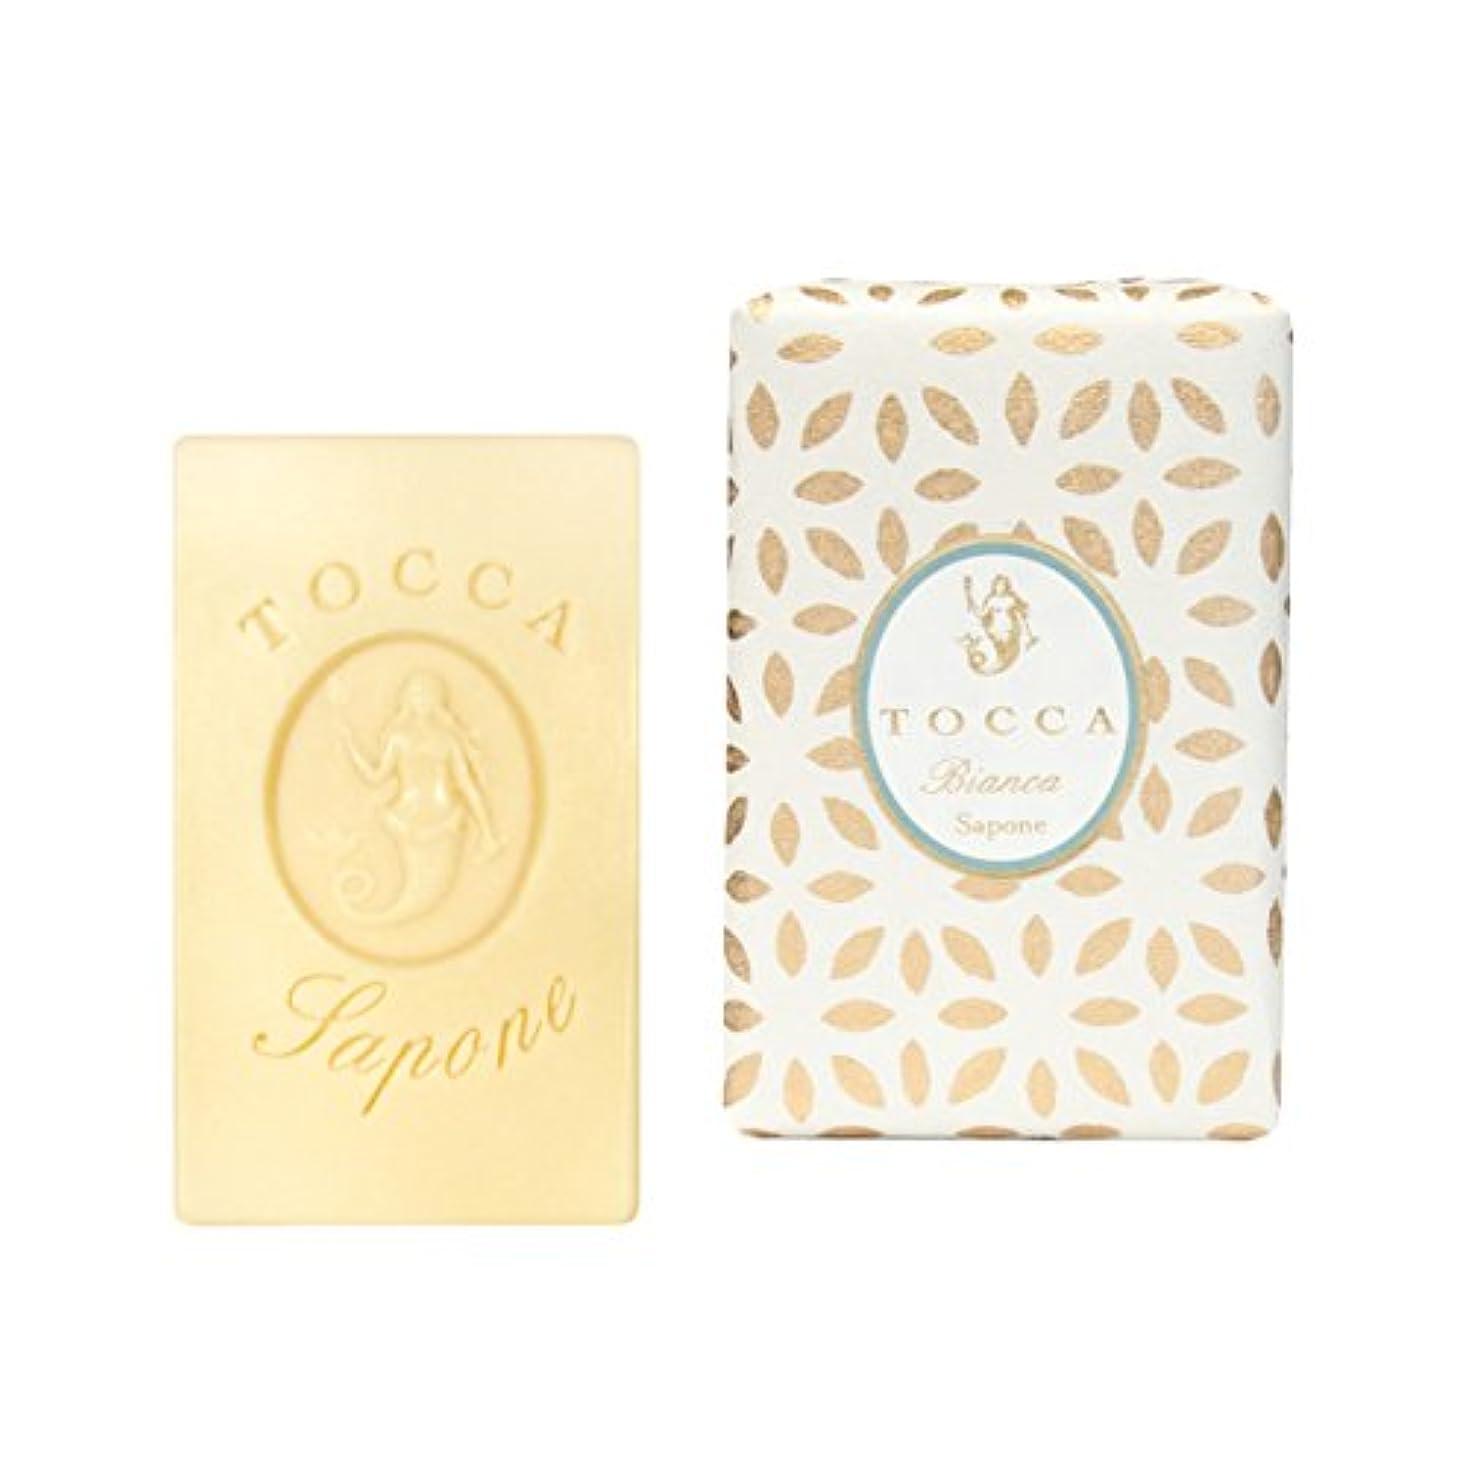 金額戦士怒りトッカ(TOCCA) ソープバー ビアンカの香り 113g(化粧石けん シトラスとグリーンティー、ローズが絶妙に溶け合ったほのかに甘さ漂うフレッシュな香り)